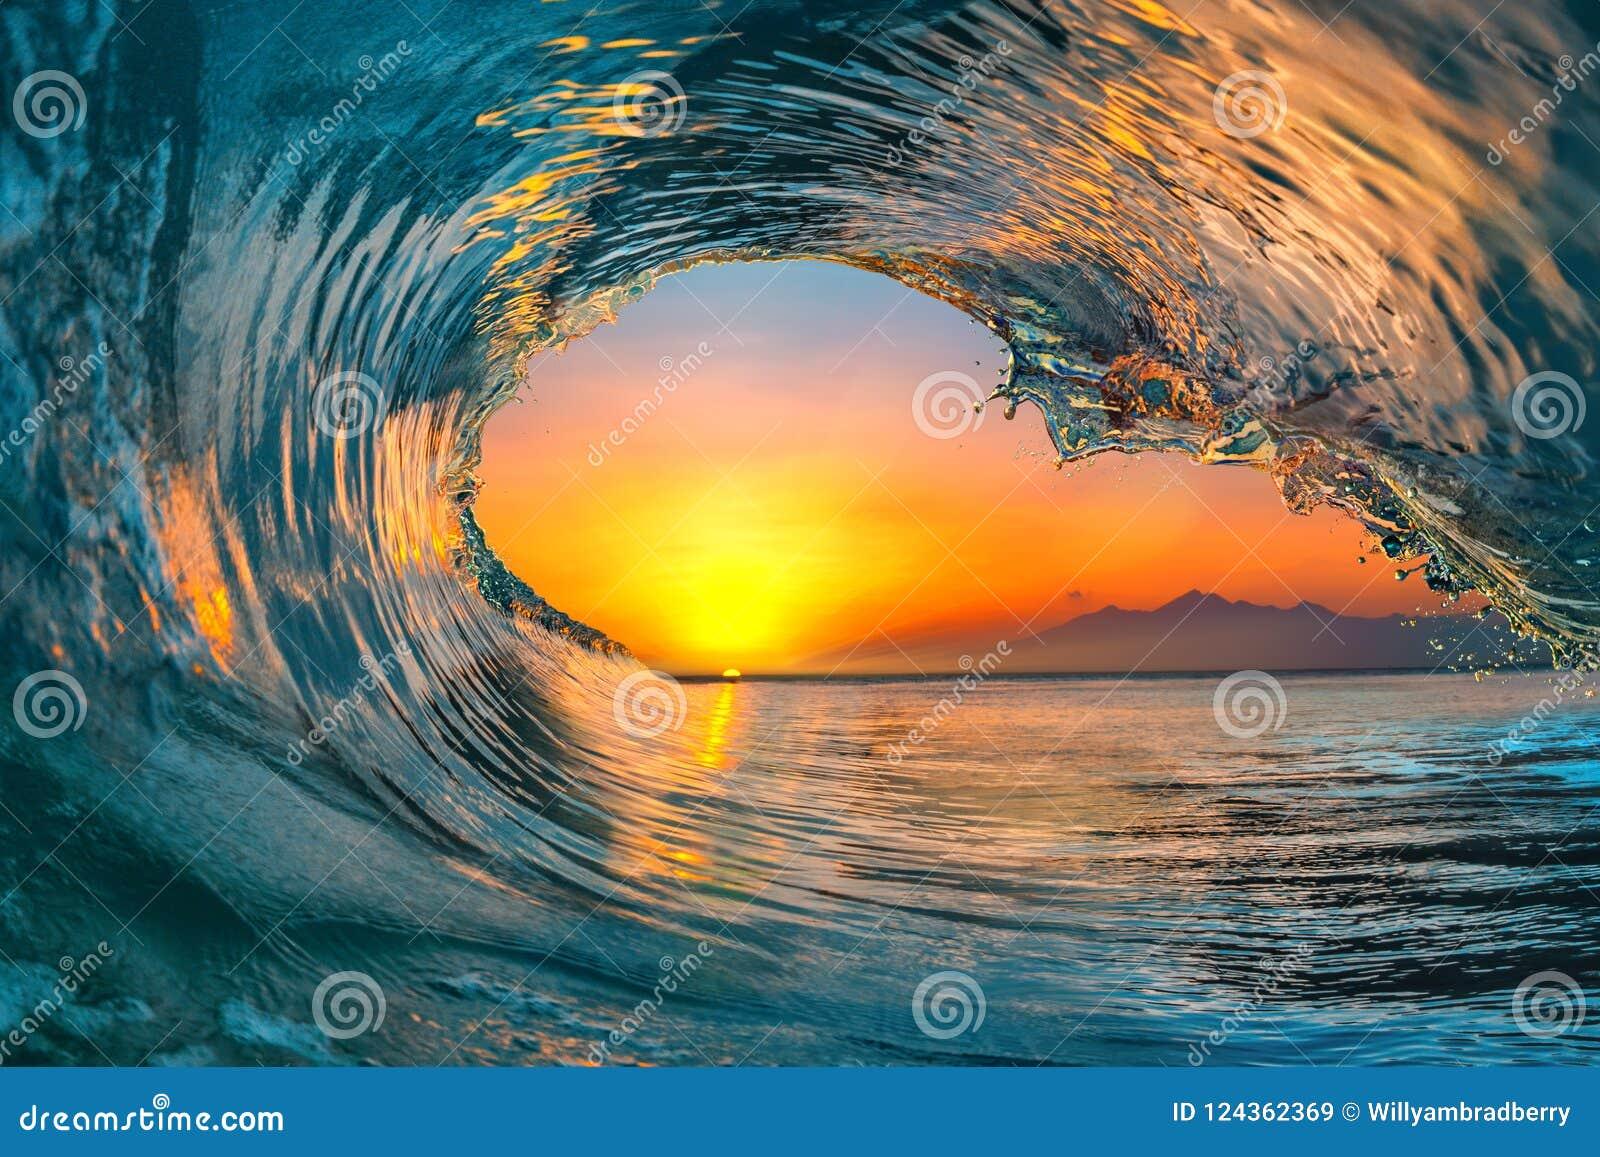 Surfende Wasseroberfläche des Meerwasser-Meereswogen